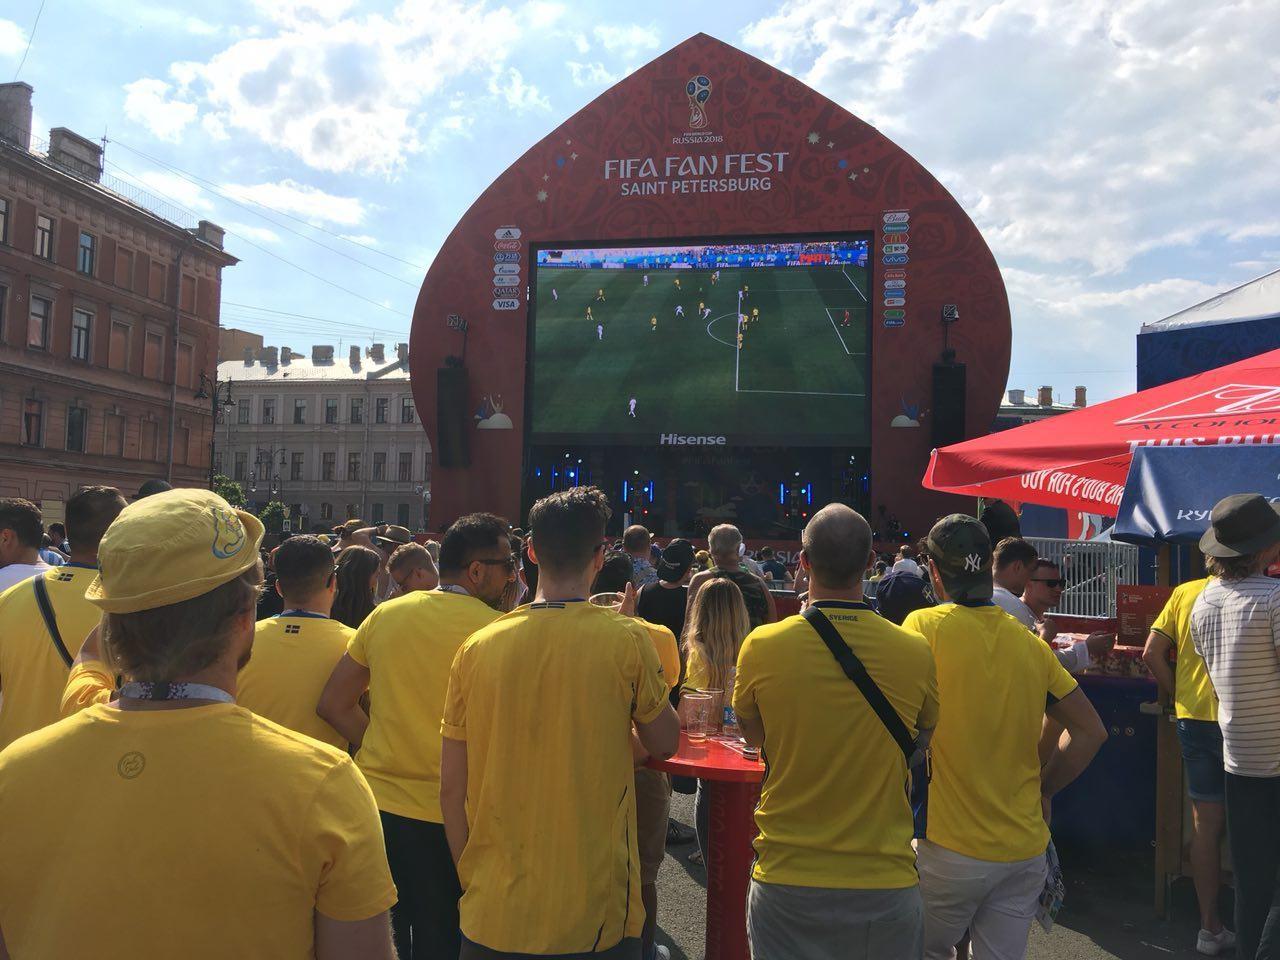 Шведские болельщики смотрят матч своей сборной против Южной Кореи в Санкт-Петербурге. Фото: © L!FE